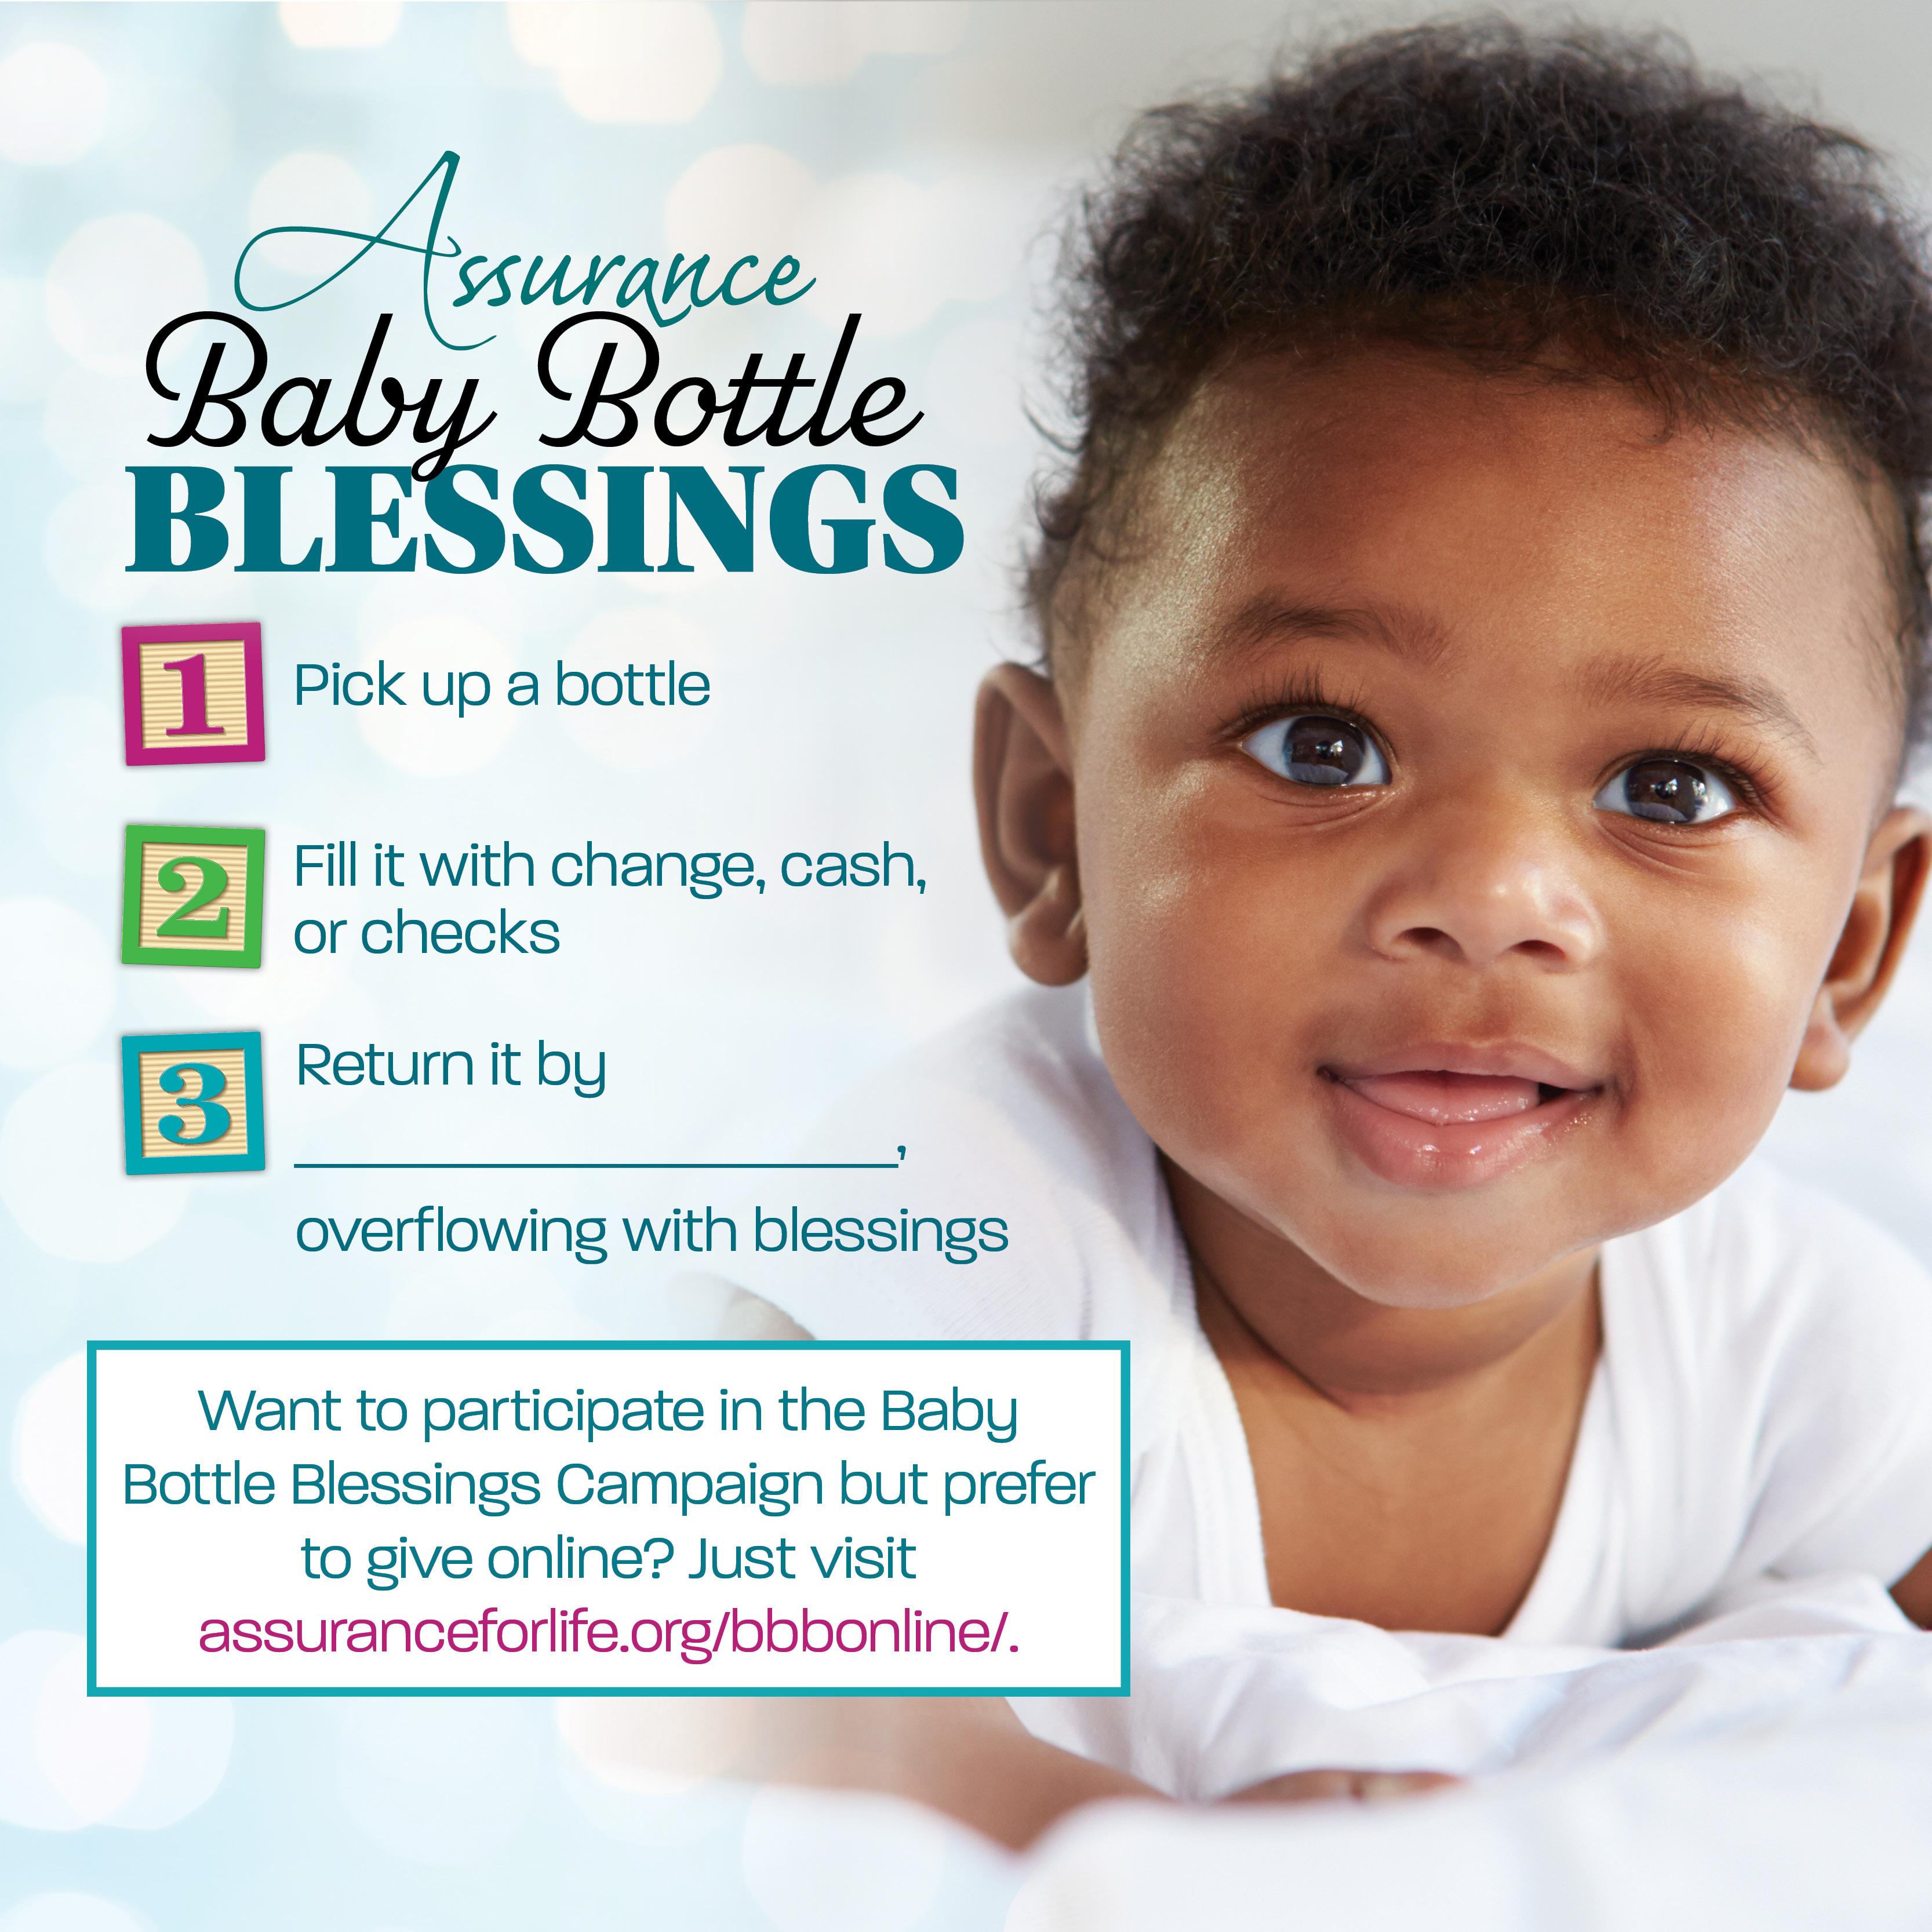 Baby Bottle Blessings - Assurance For Life